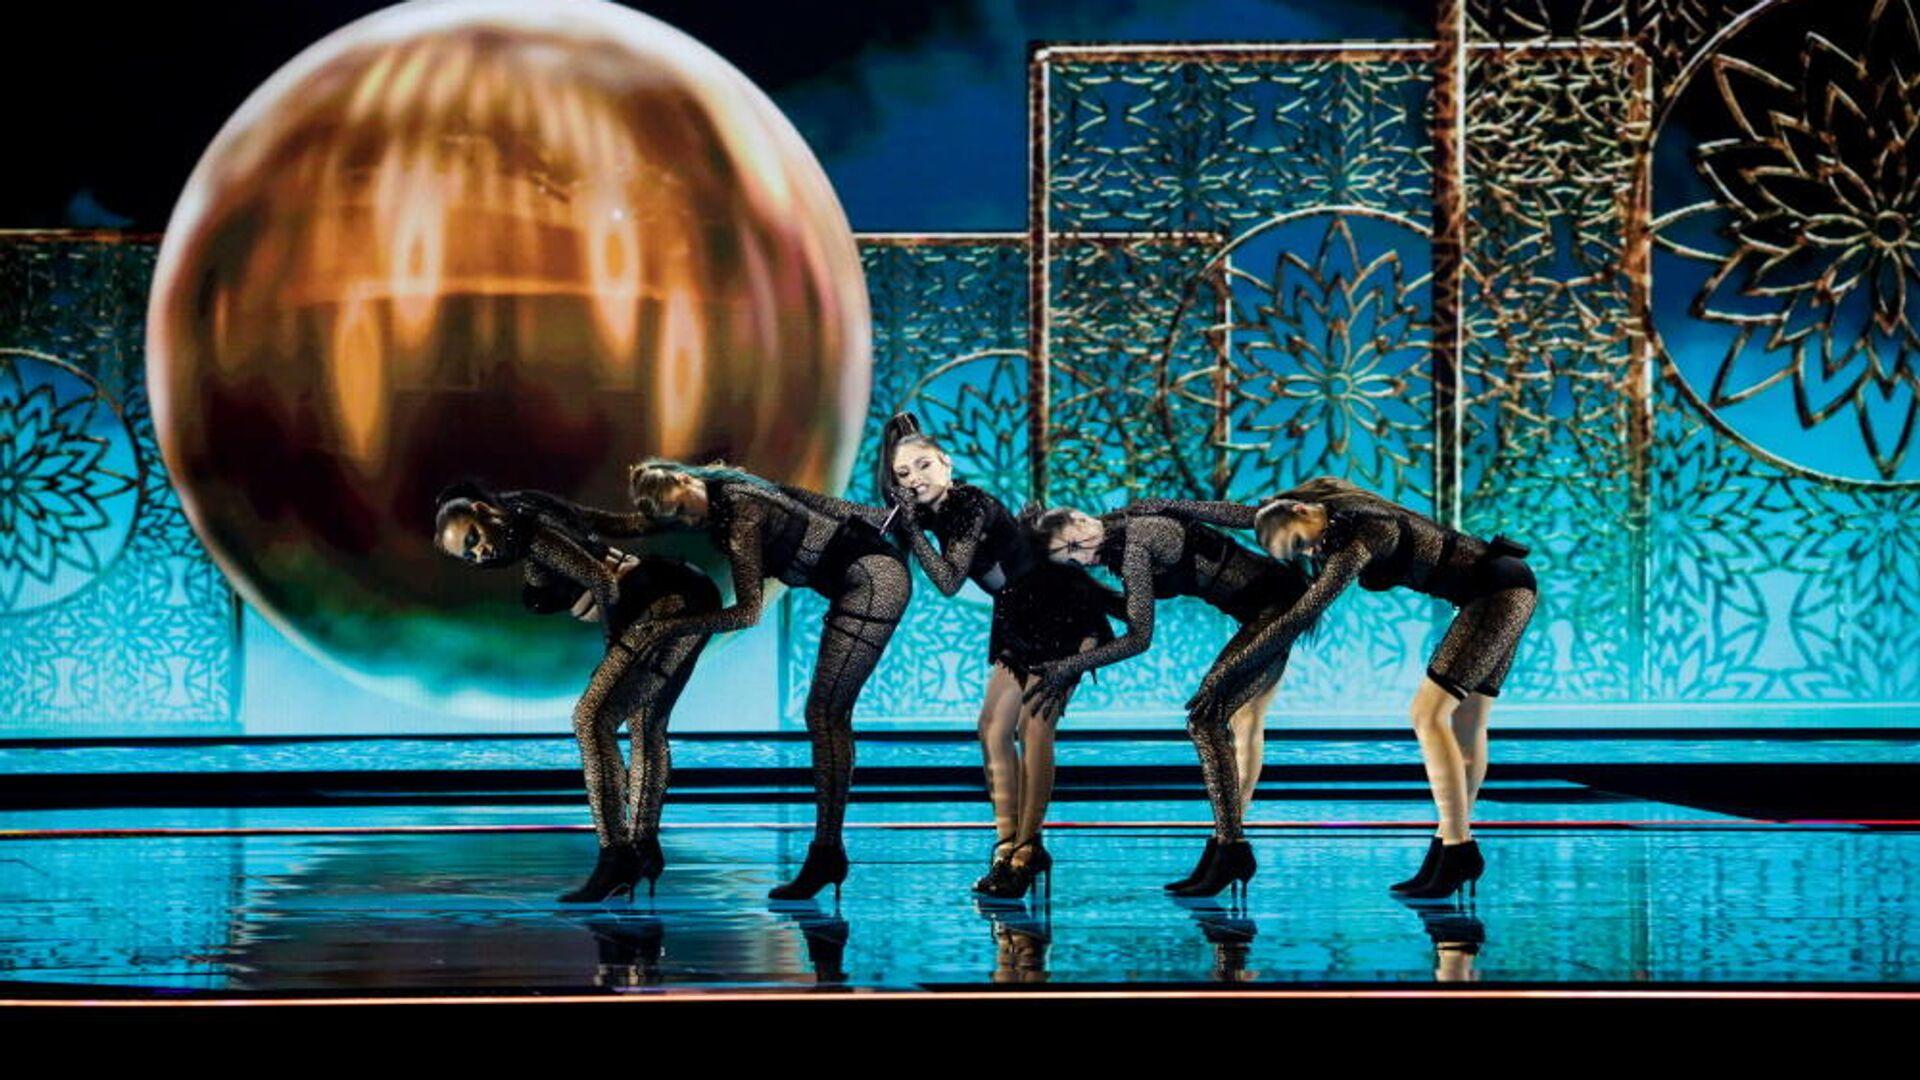 Η συμμετοχή του Αζερμπαϊτζάν στη Eurovision 2021 με τίτλο Mata Hari, 22 Μαΐου 2021 - Sputnik Ελλάδα, 1920, 31.05.2021